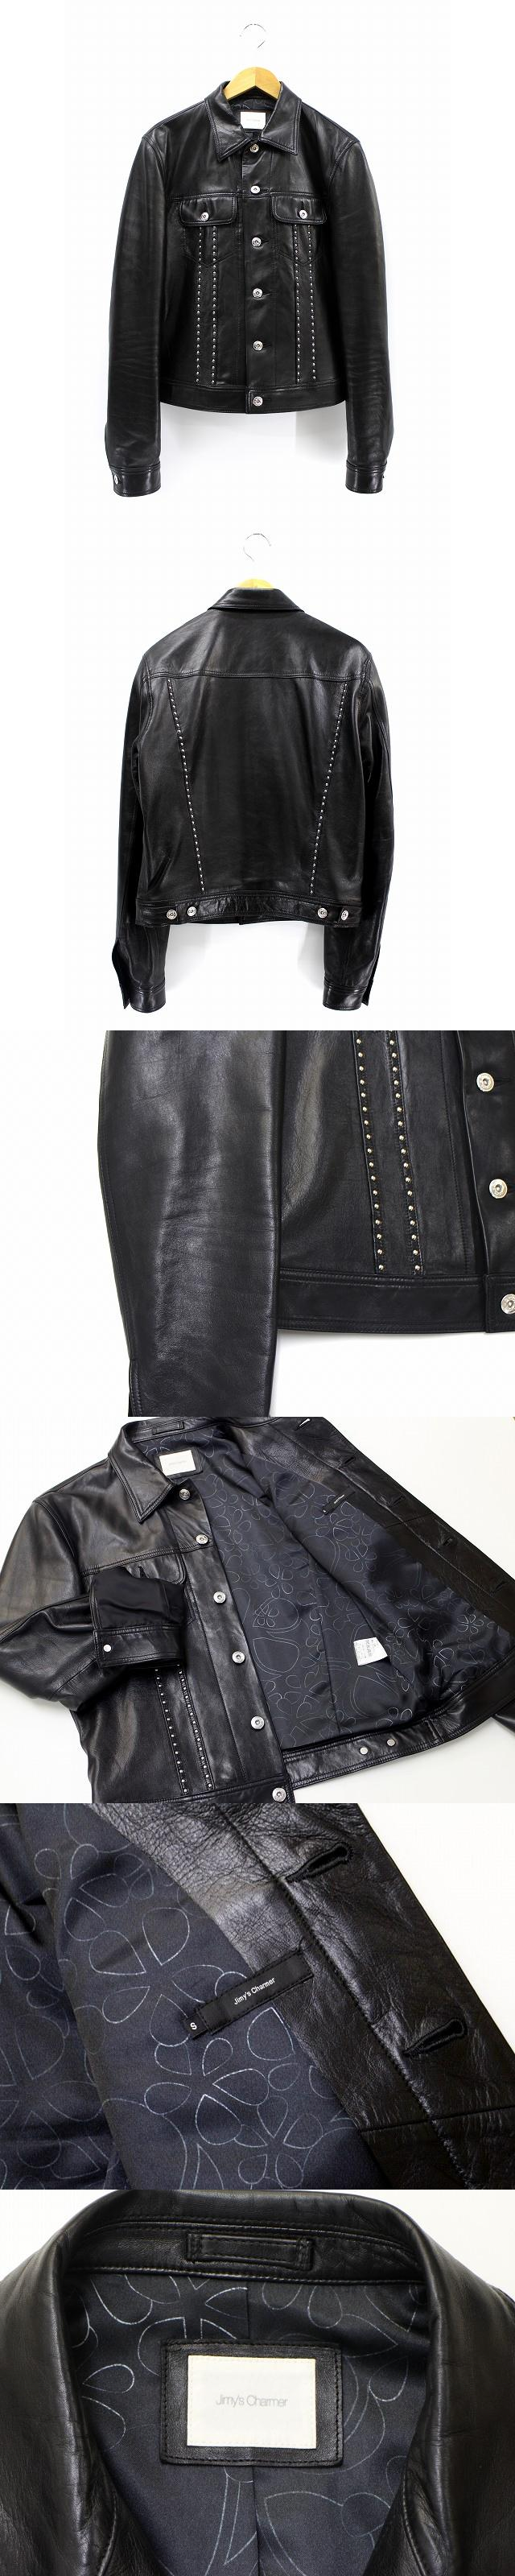 美品 ジミーズチャーマー Jimy's Charmer ベビーラム スタッズ レザージャケット S 黒 ブラック AJL-01001